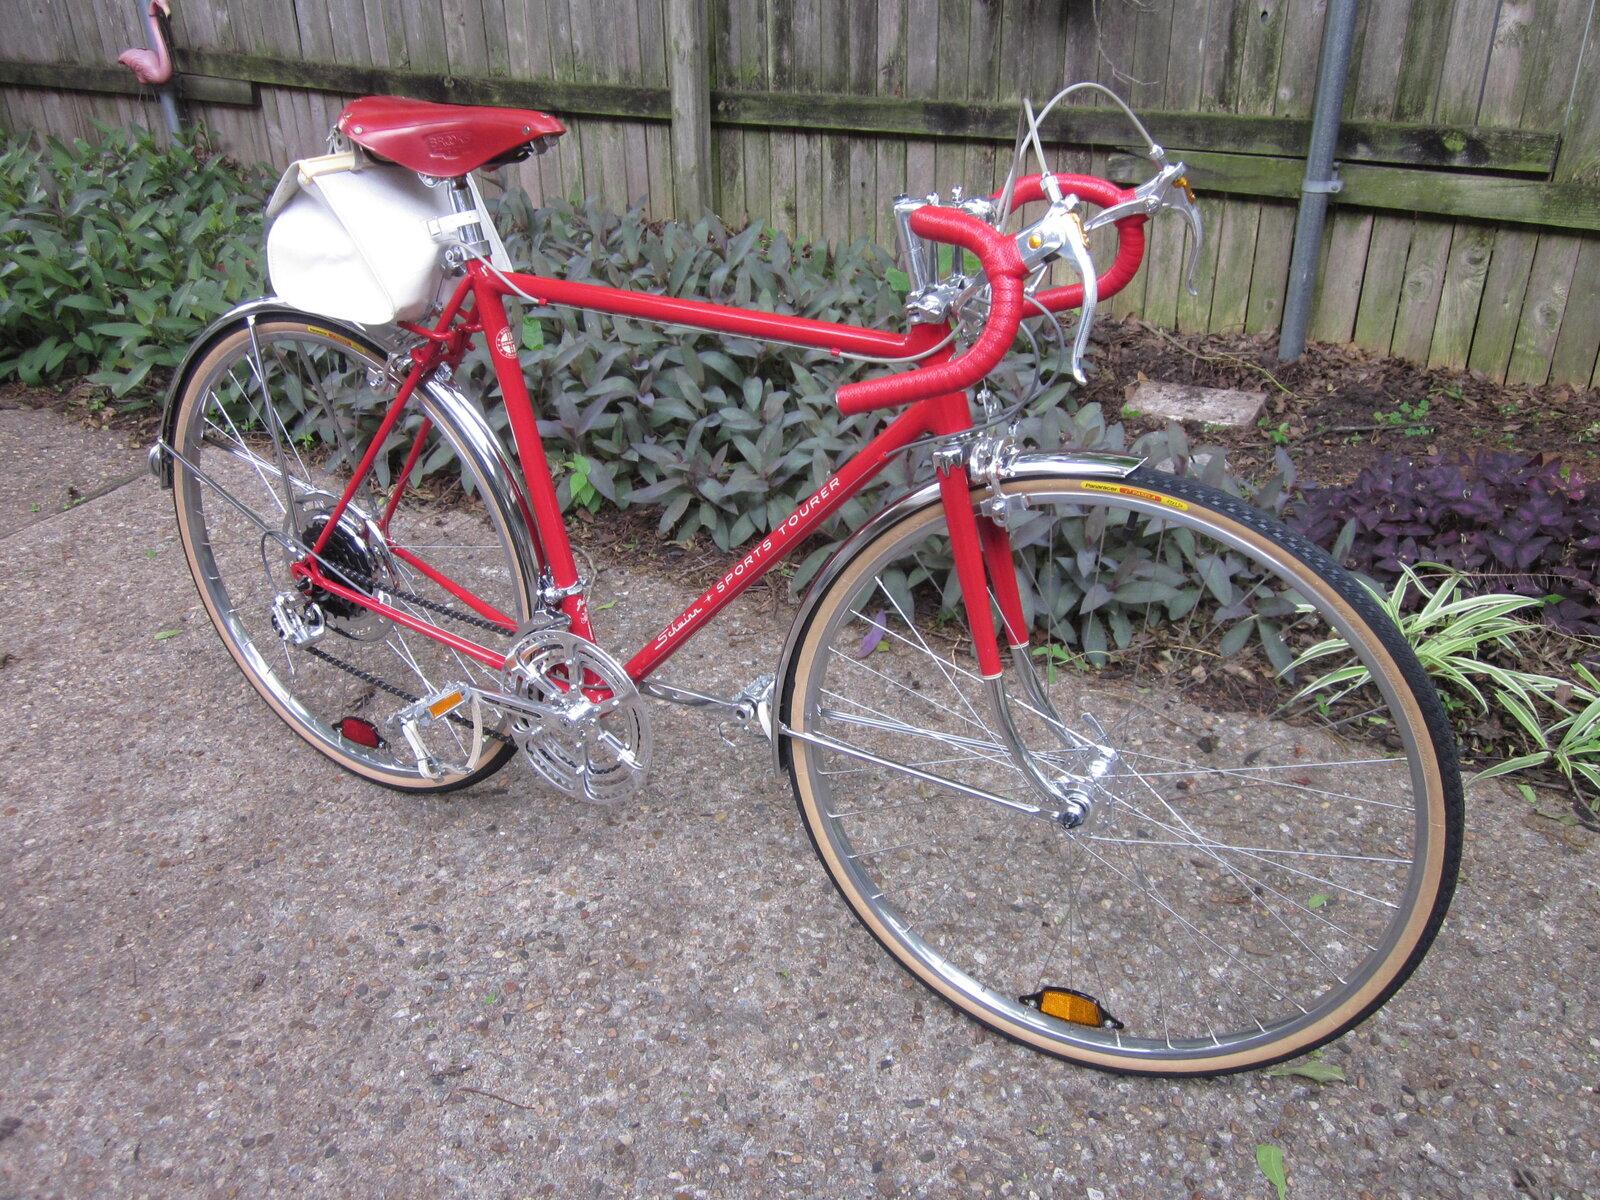 Red Brooks and bikes 019.JPG